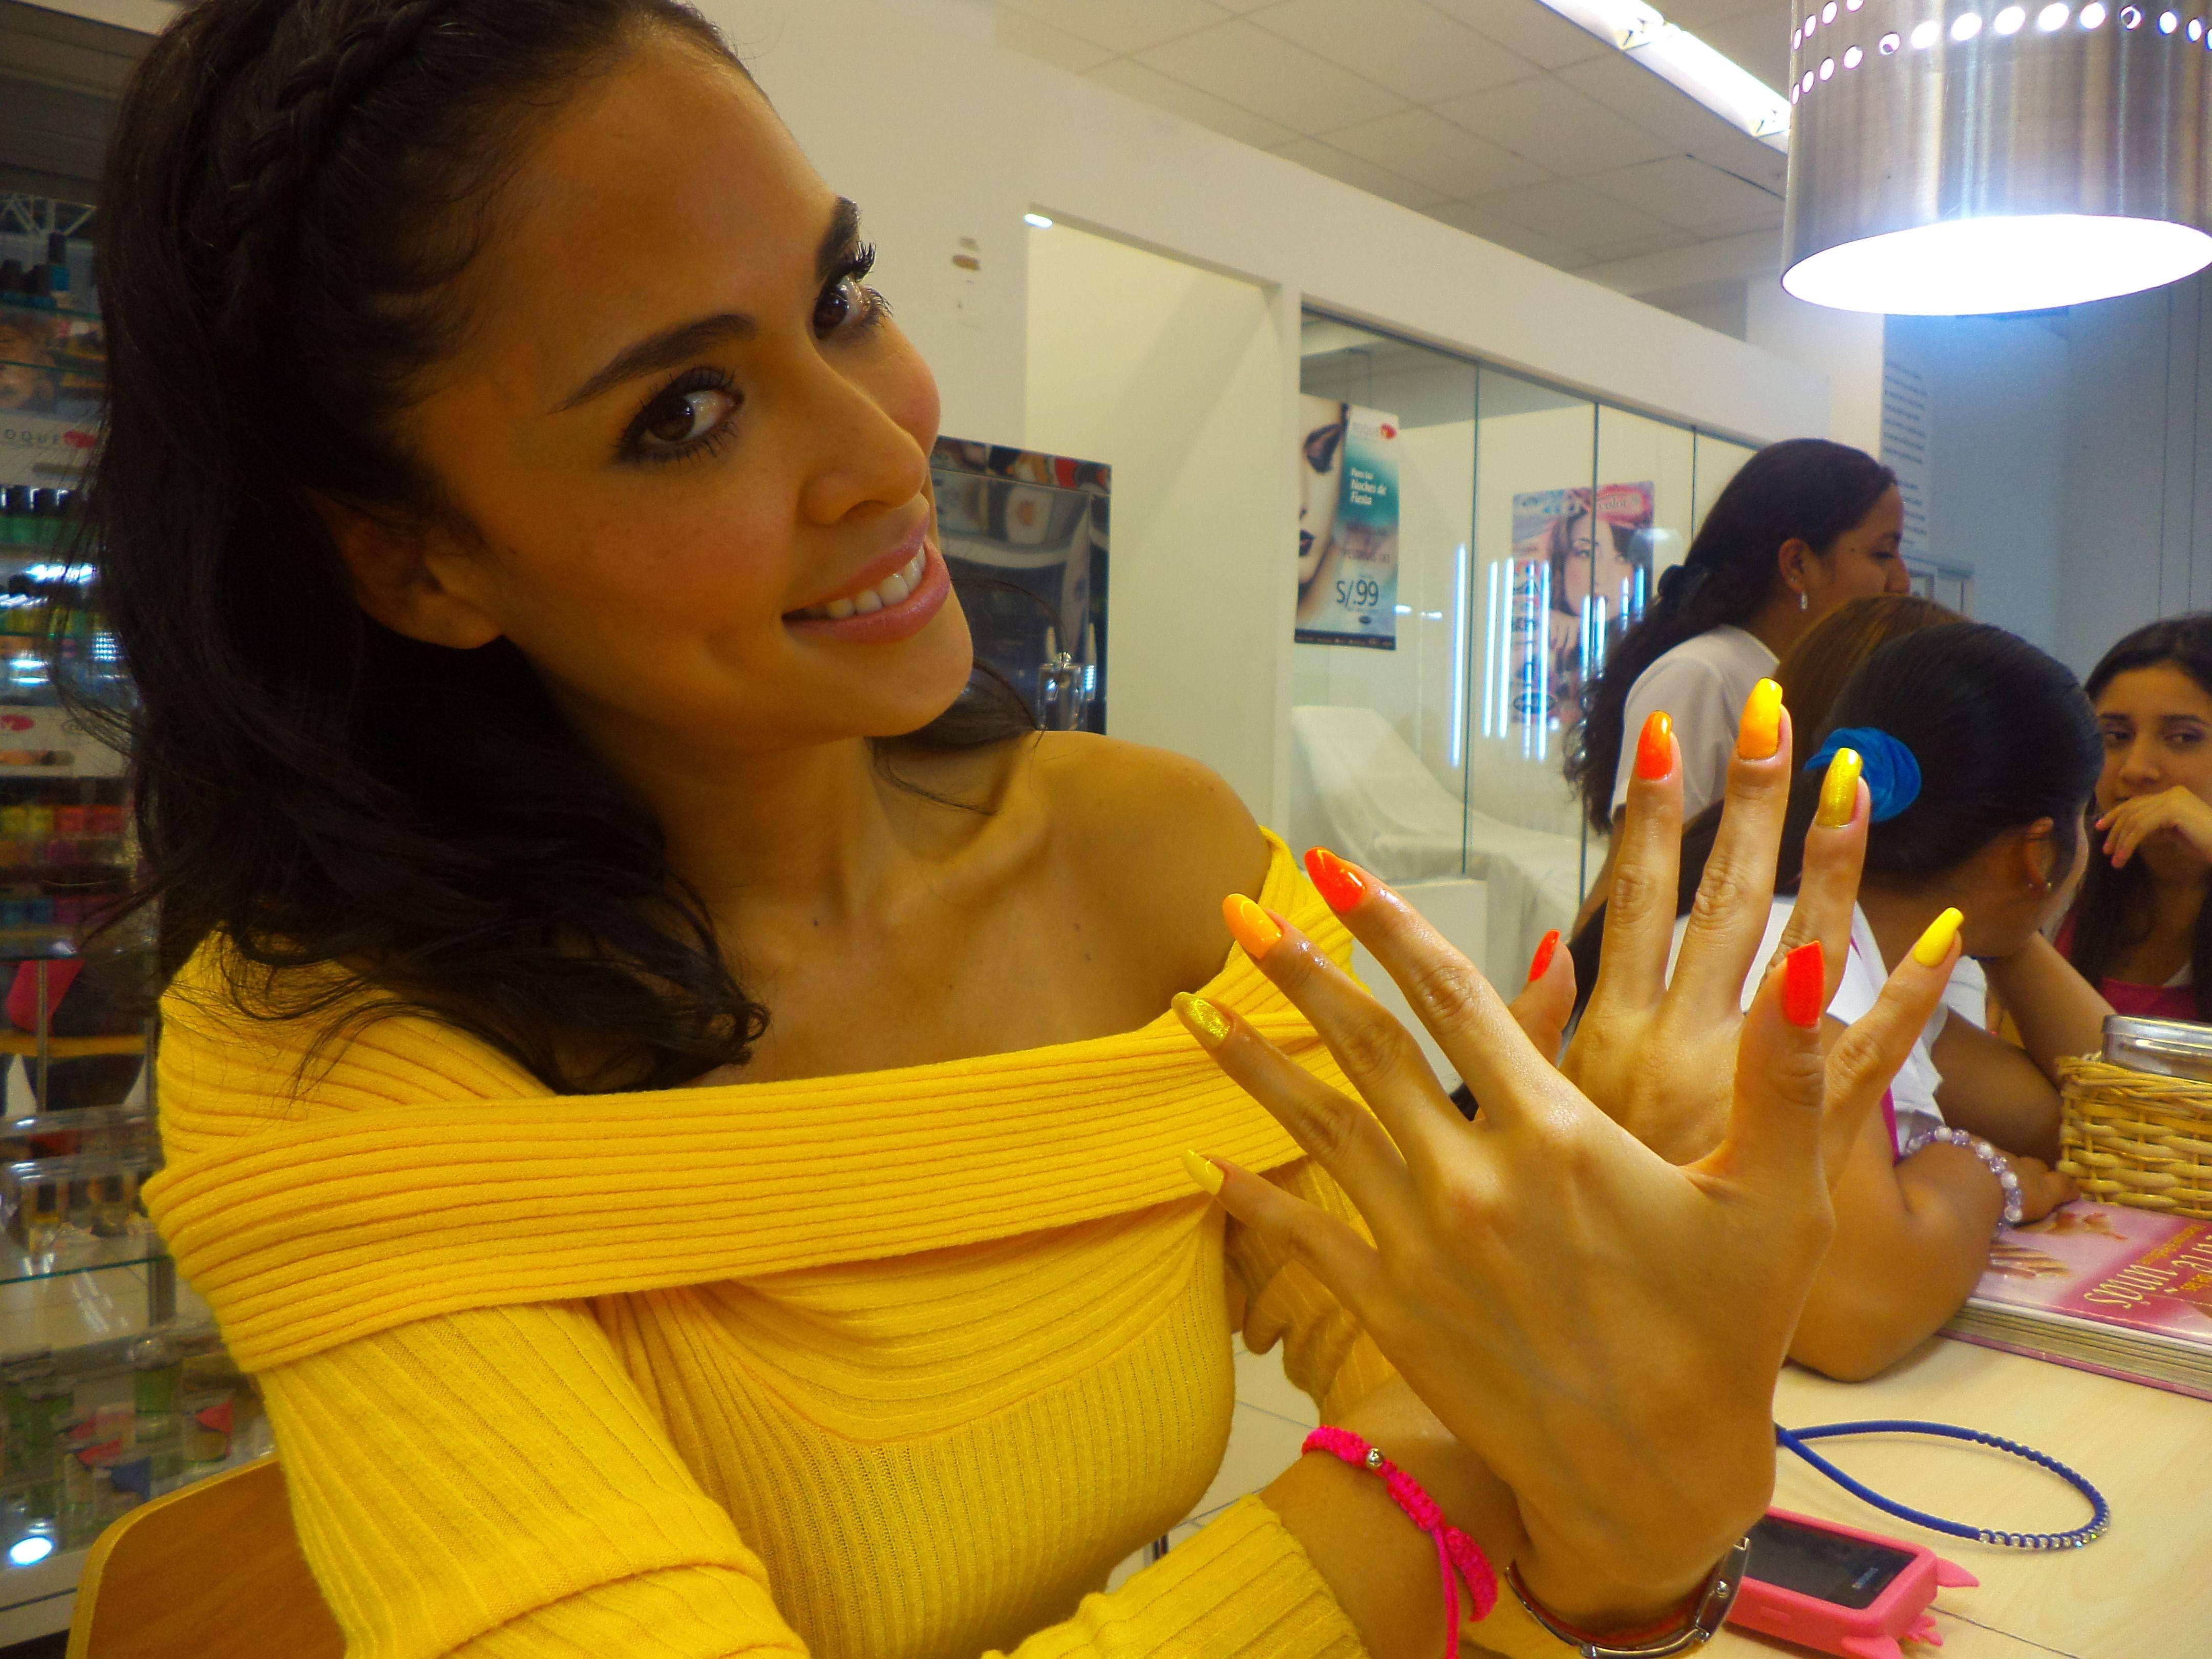 Qué lindas uñas!!!